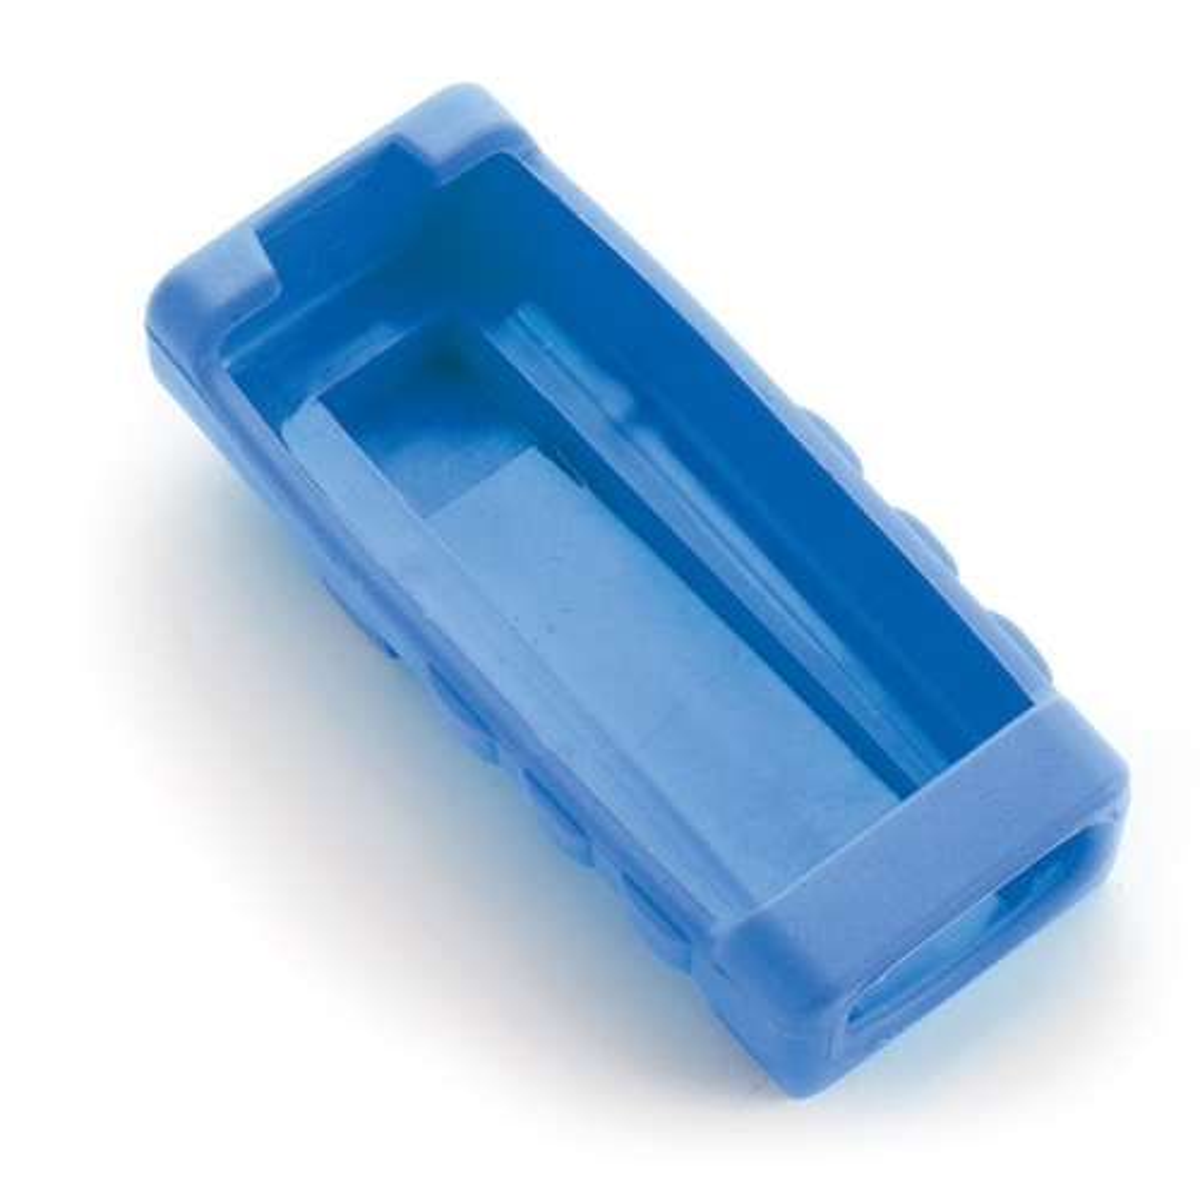 HI710024 Shockproof Rubber Boot (Blue)